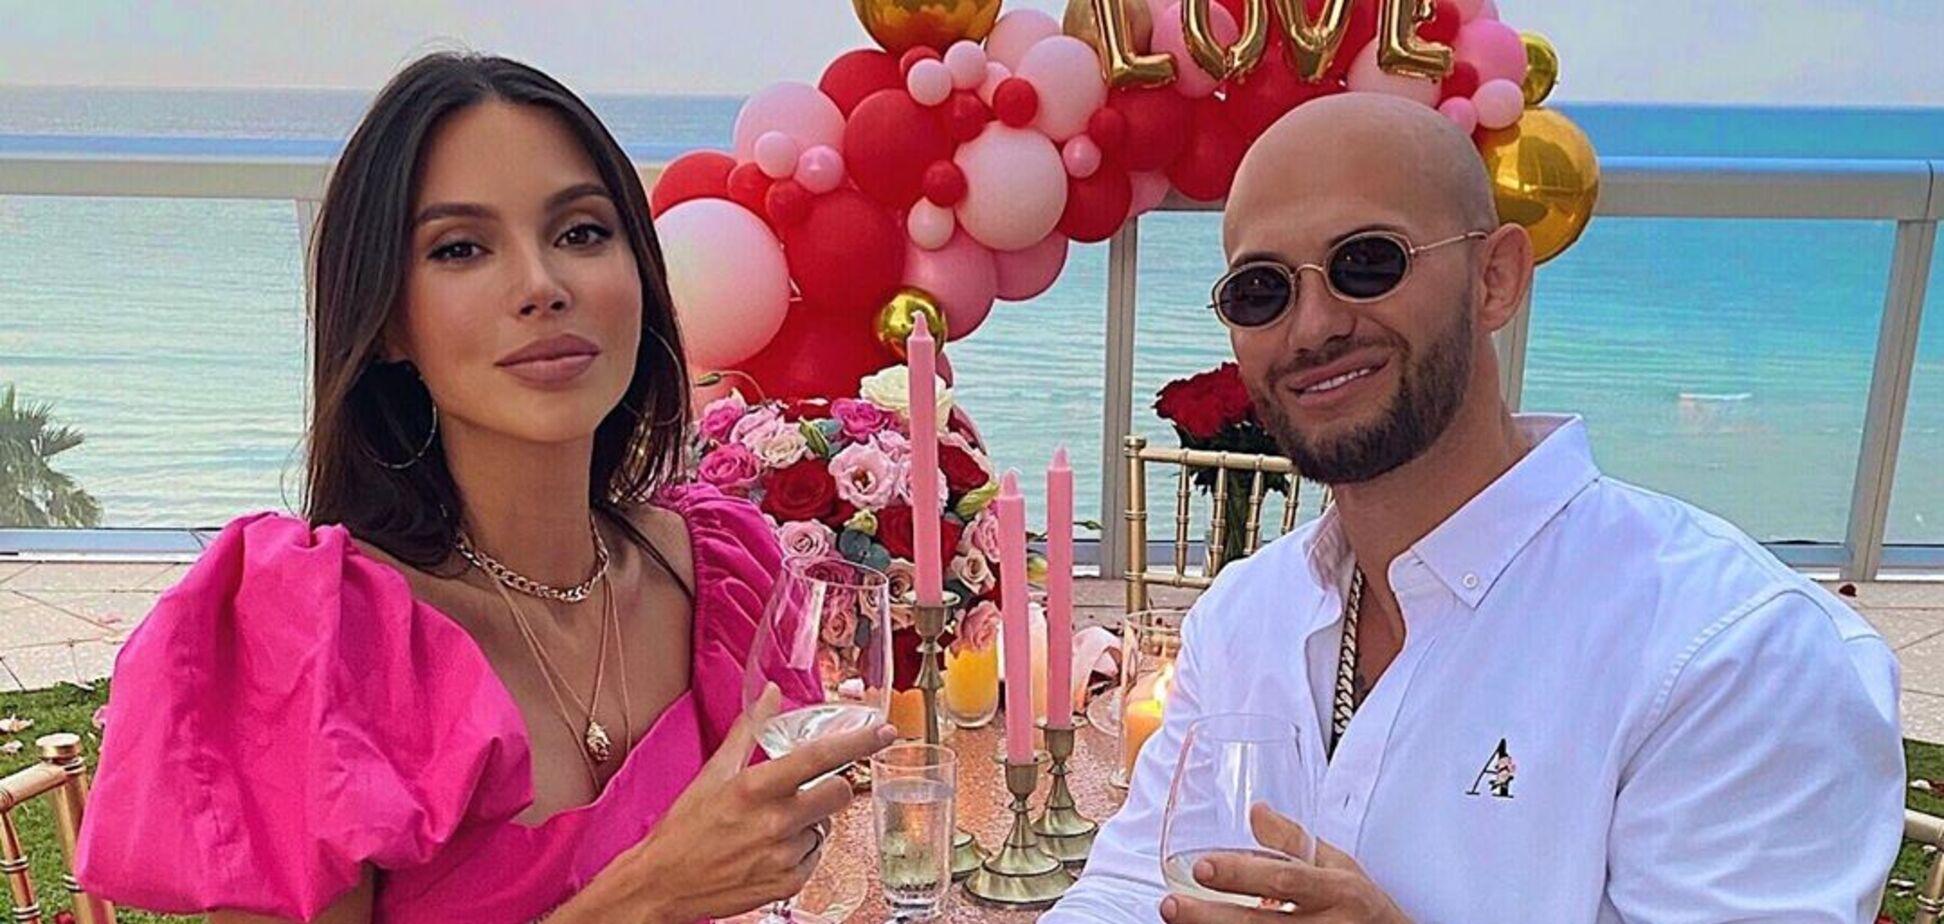 Рудковская высказалась о разводе Джигана и Самойловой